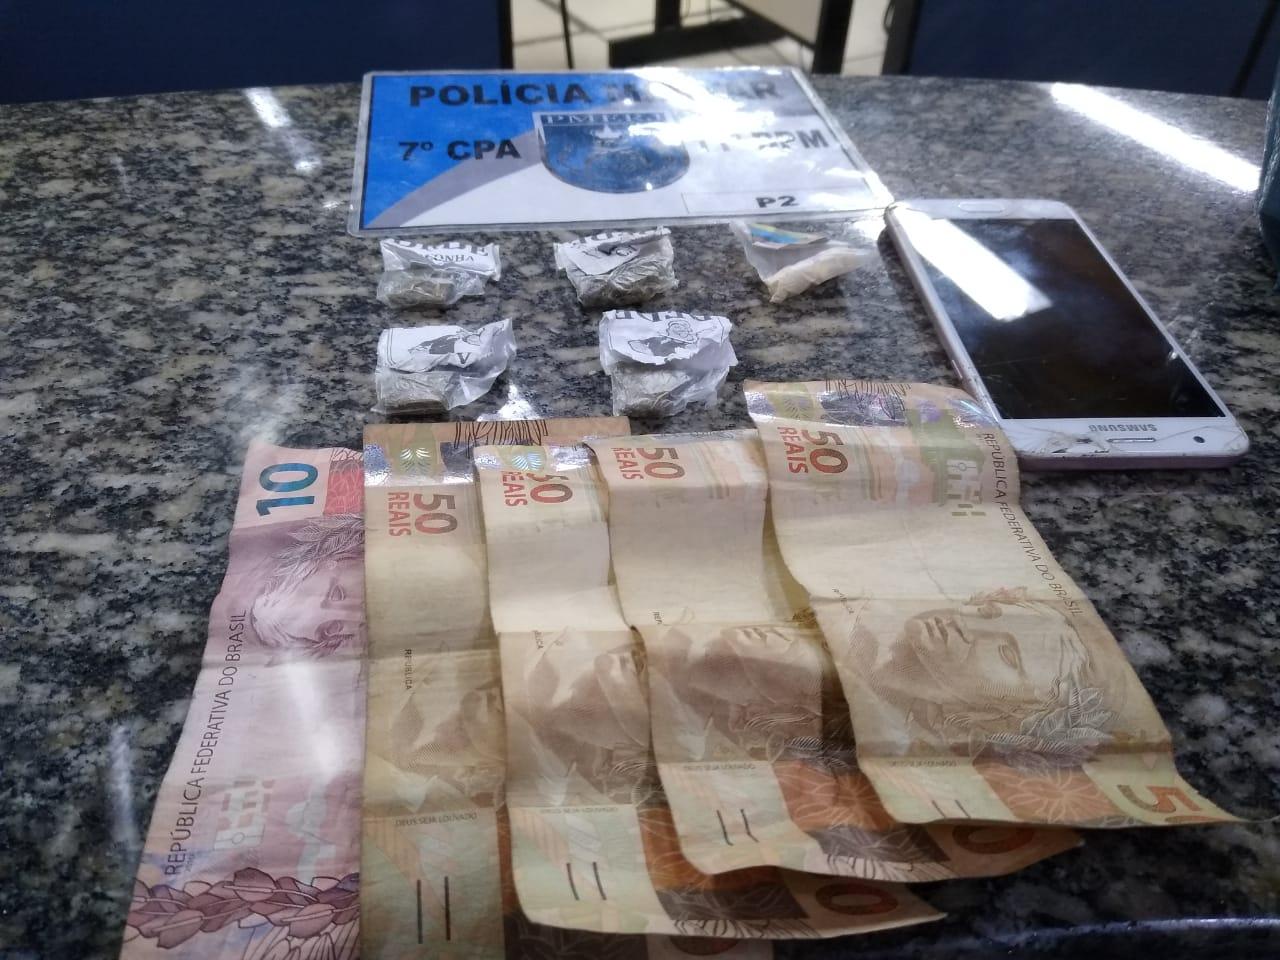 Dinheiro do tráfico apreendido no Três Irmãos (Foto: 11 BPM)